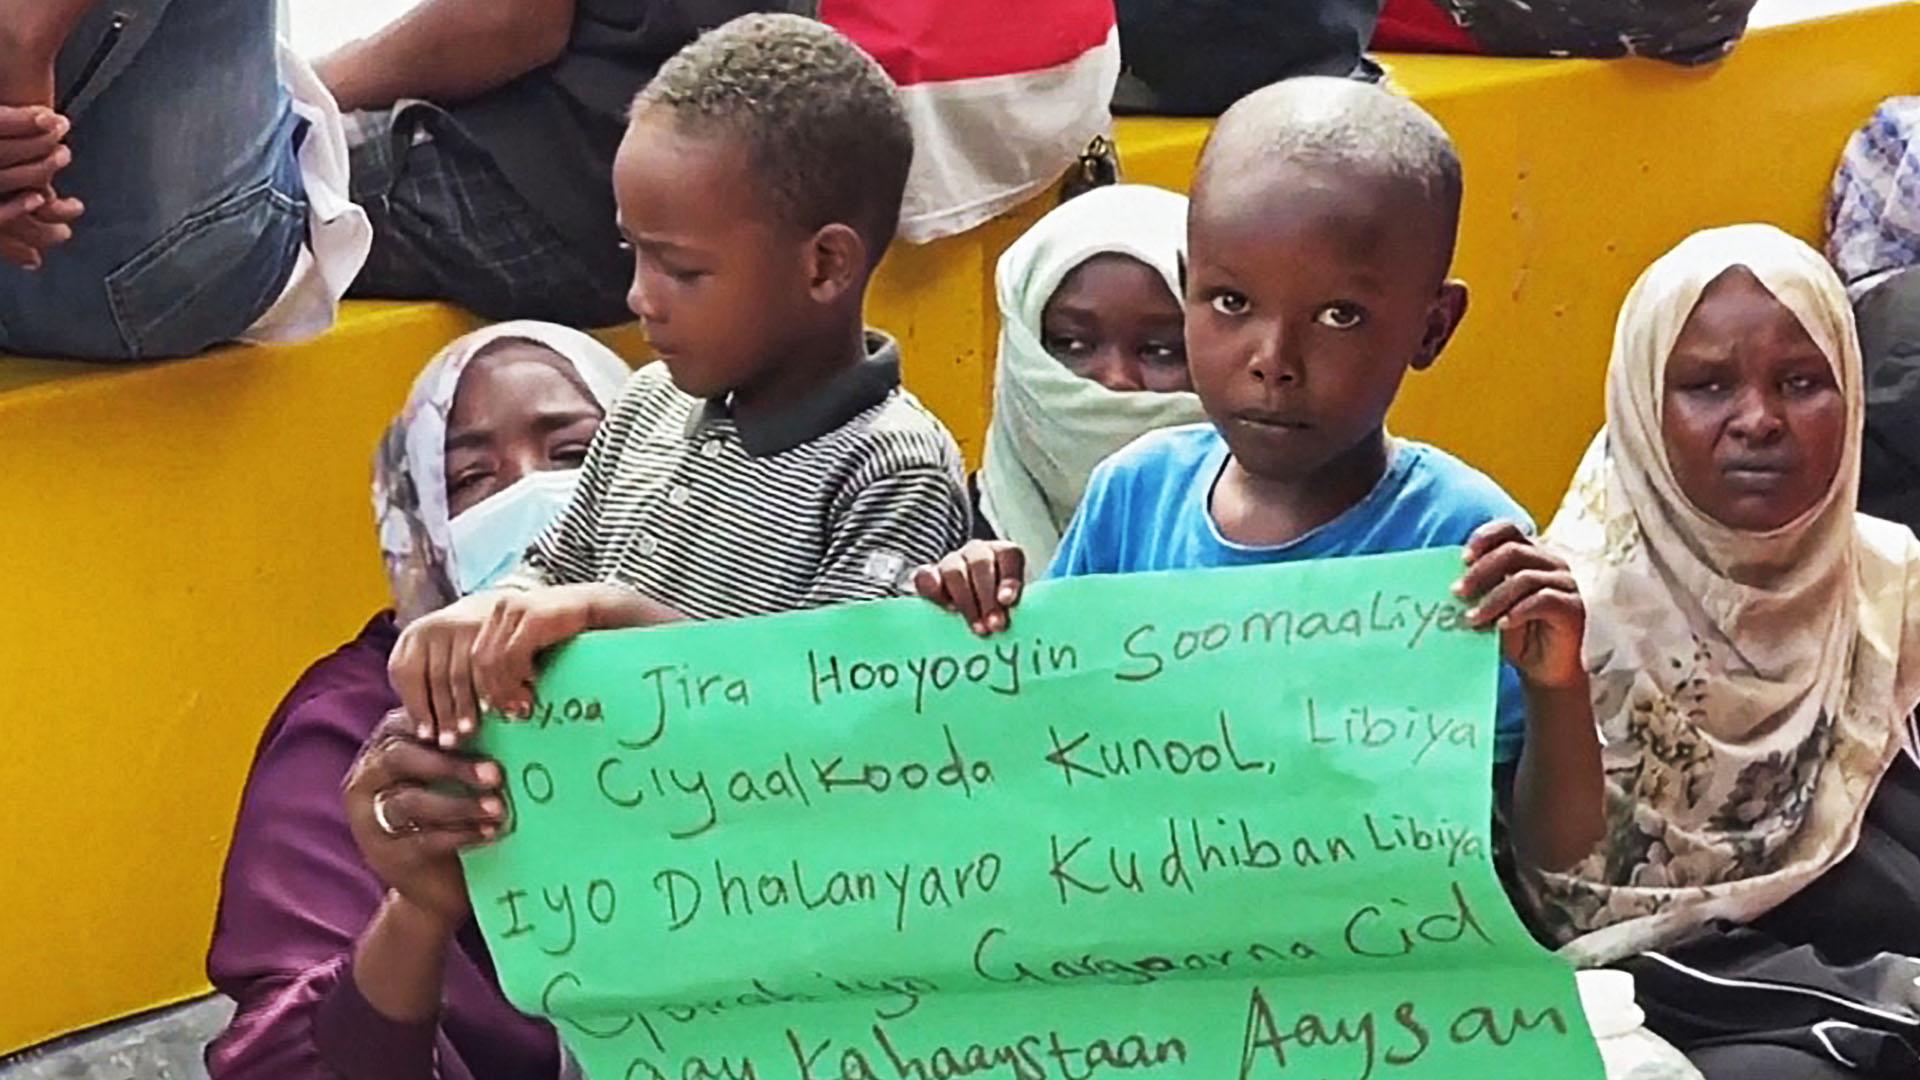 Мигранты собрались у офиса ООН в Ливии и требуют спасти их от пыток